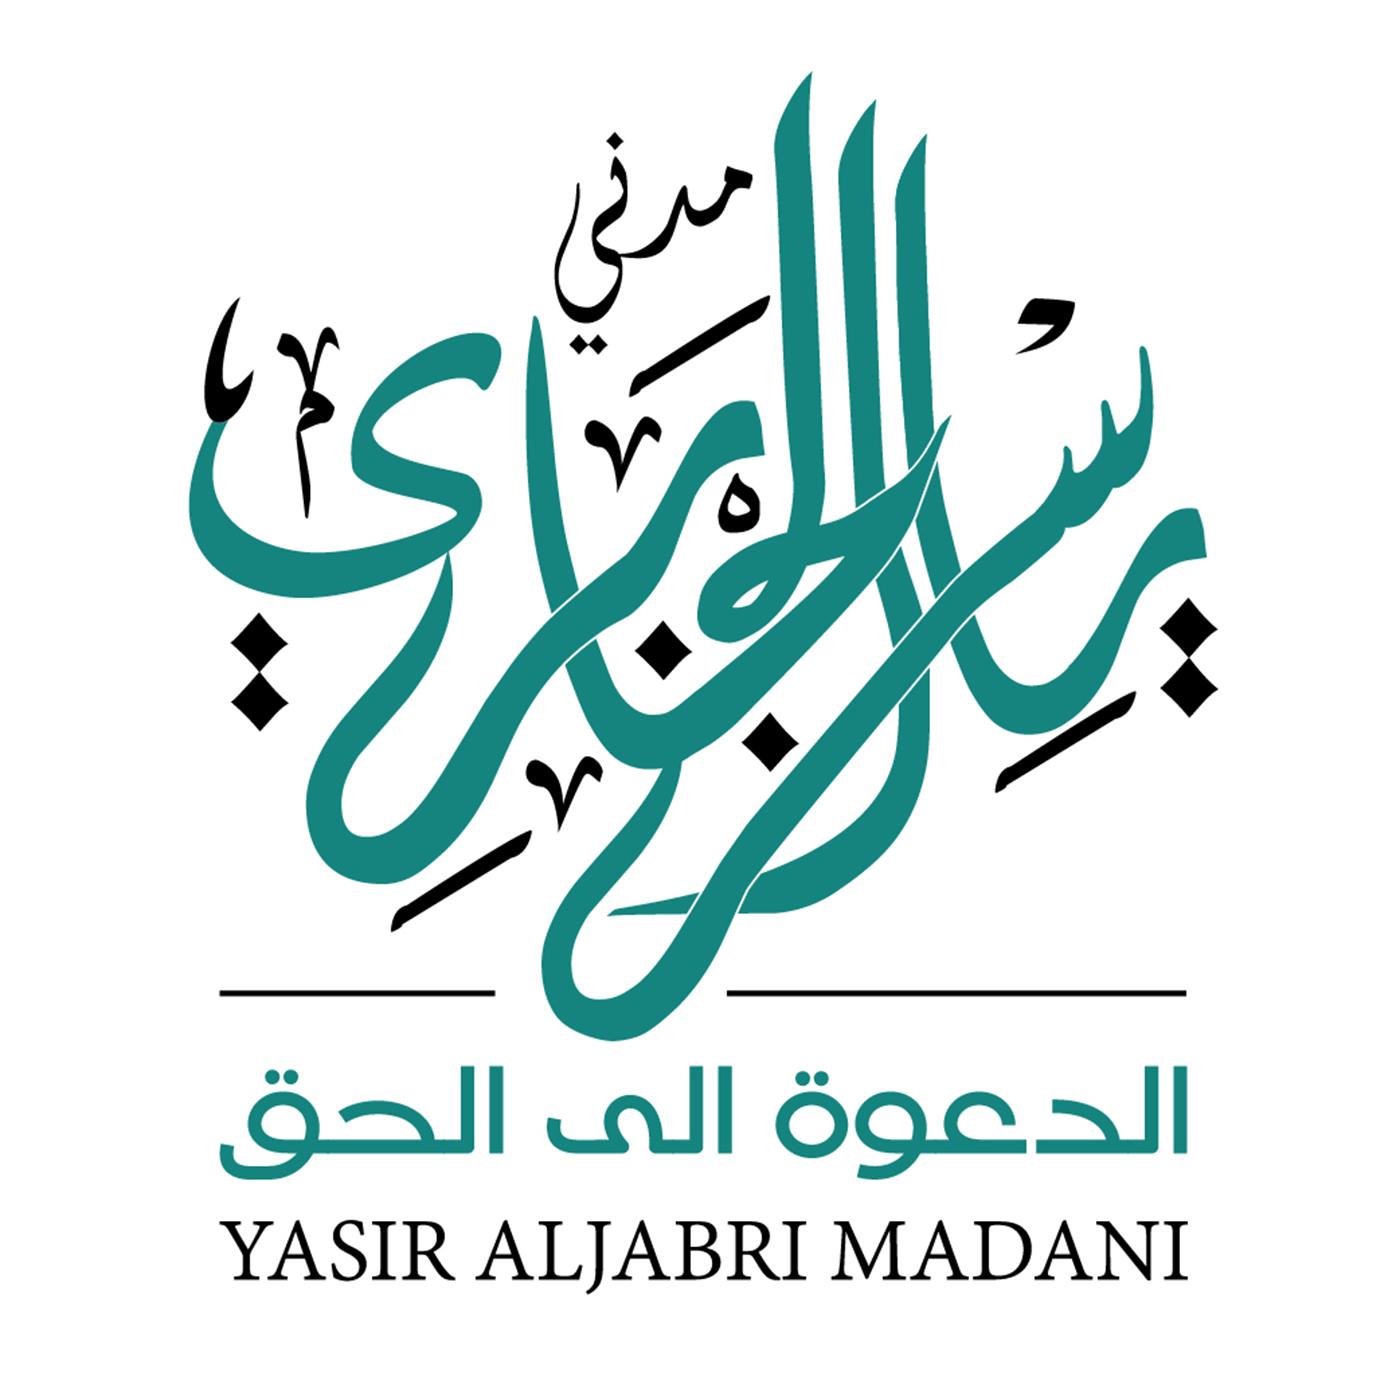 Shaikh Yasir AlJabri Madani - Blog